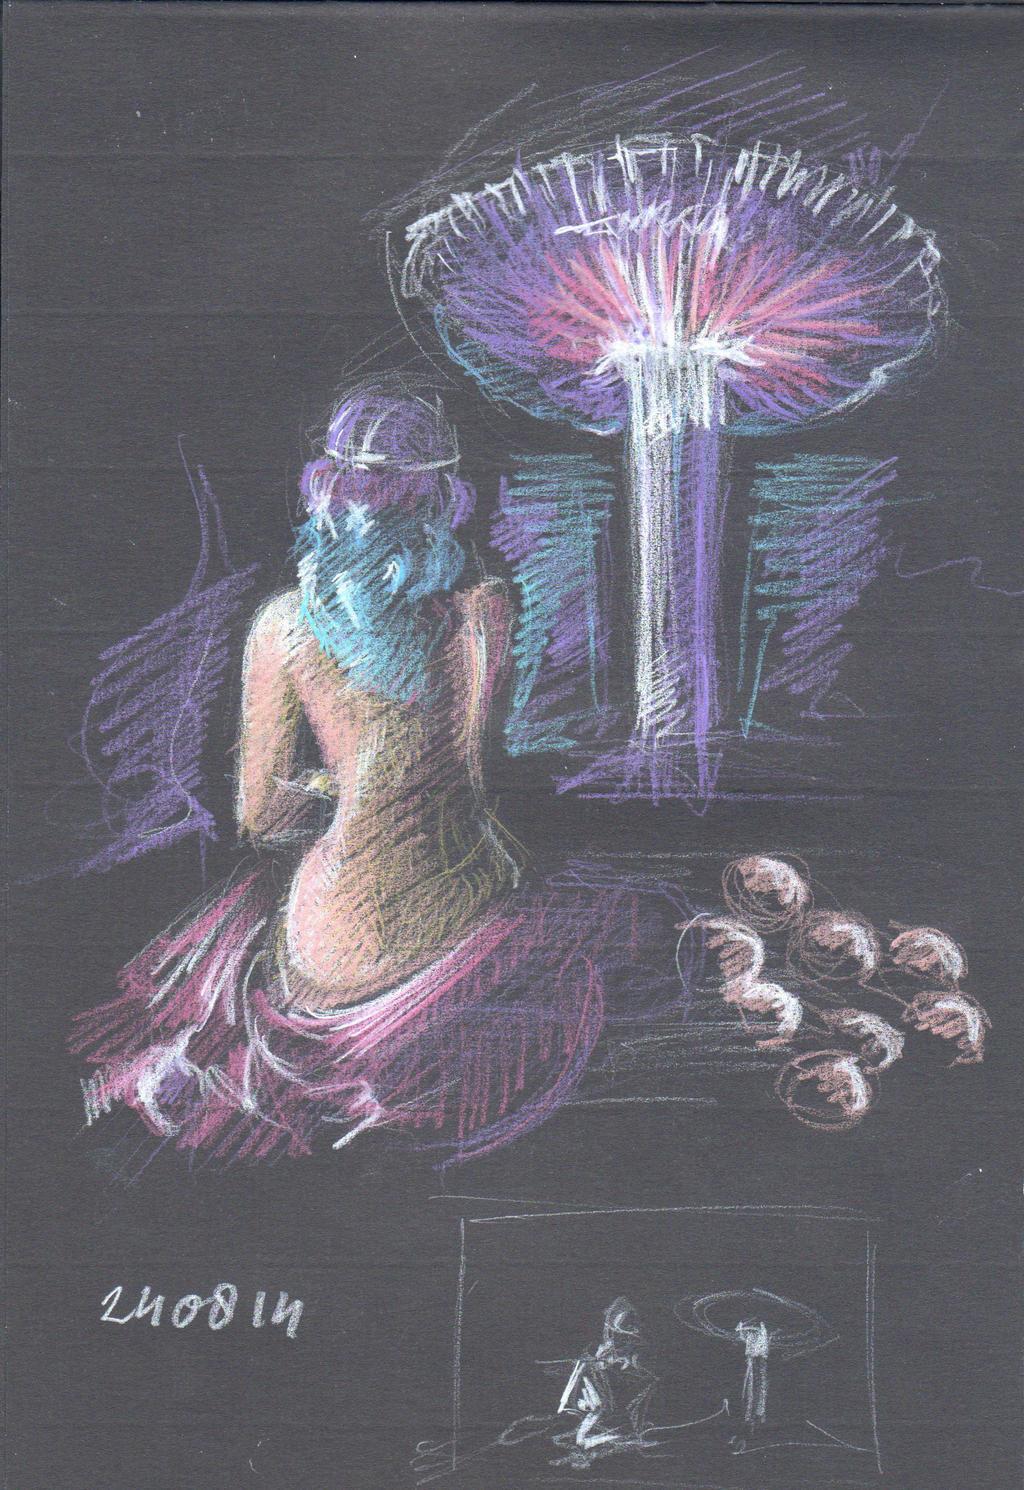 Composition Sketch Oasis Alien Planet